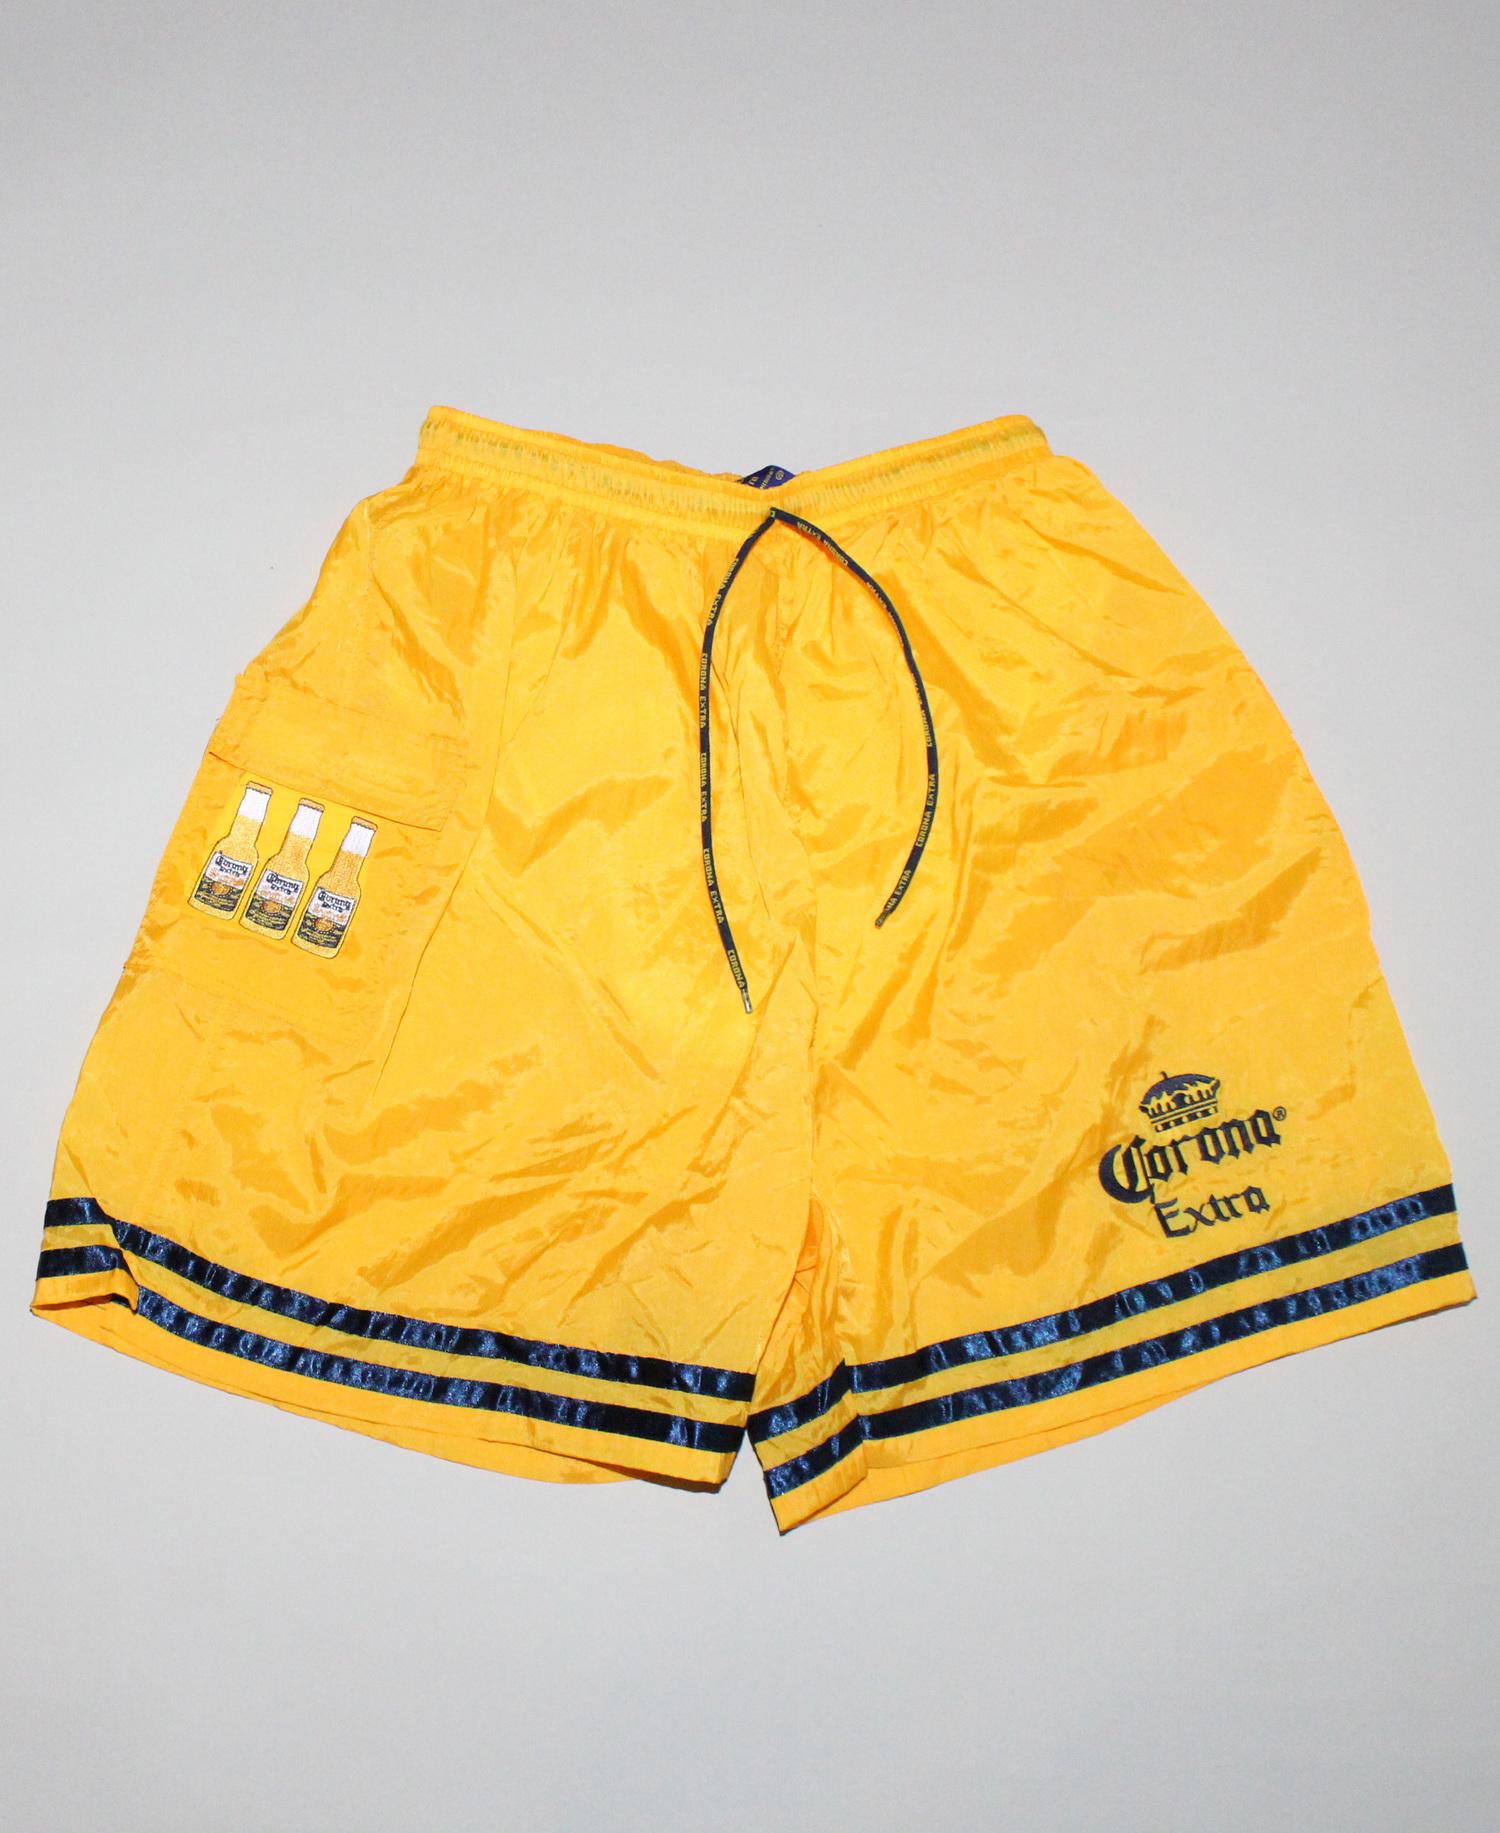 01622fa9c6 Corona Extra Bathing Suit (Size XL) — Roots